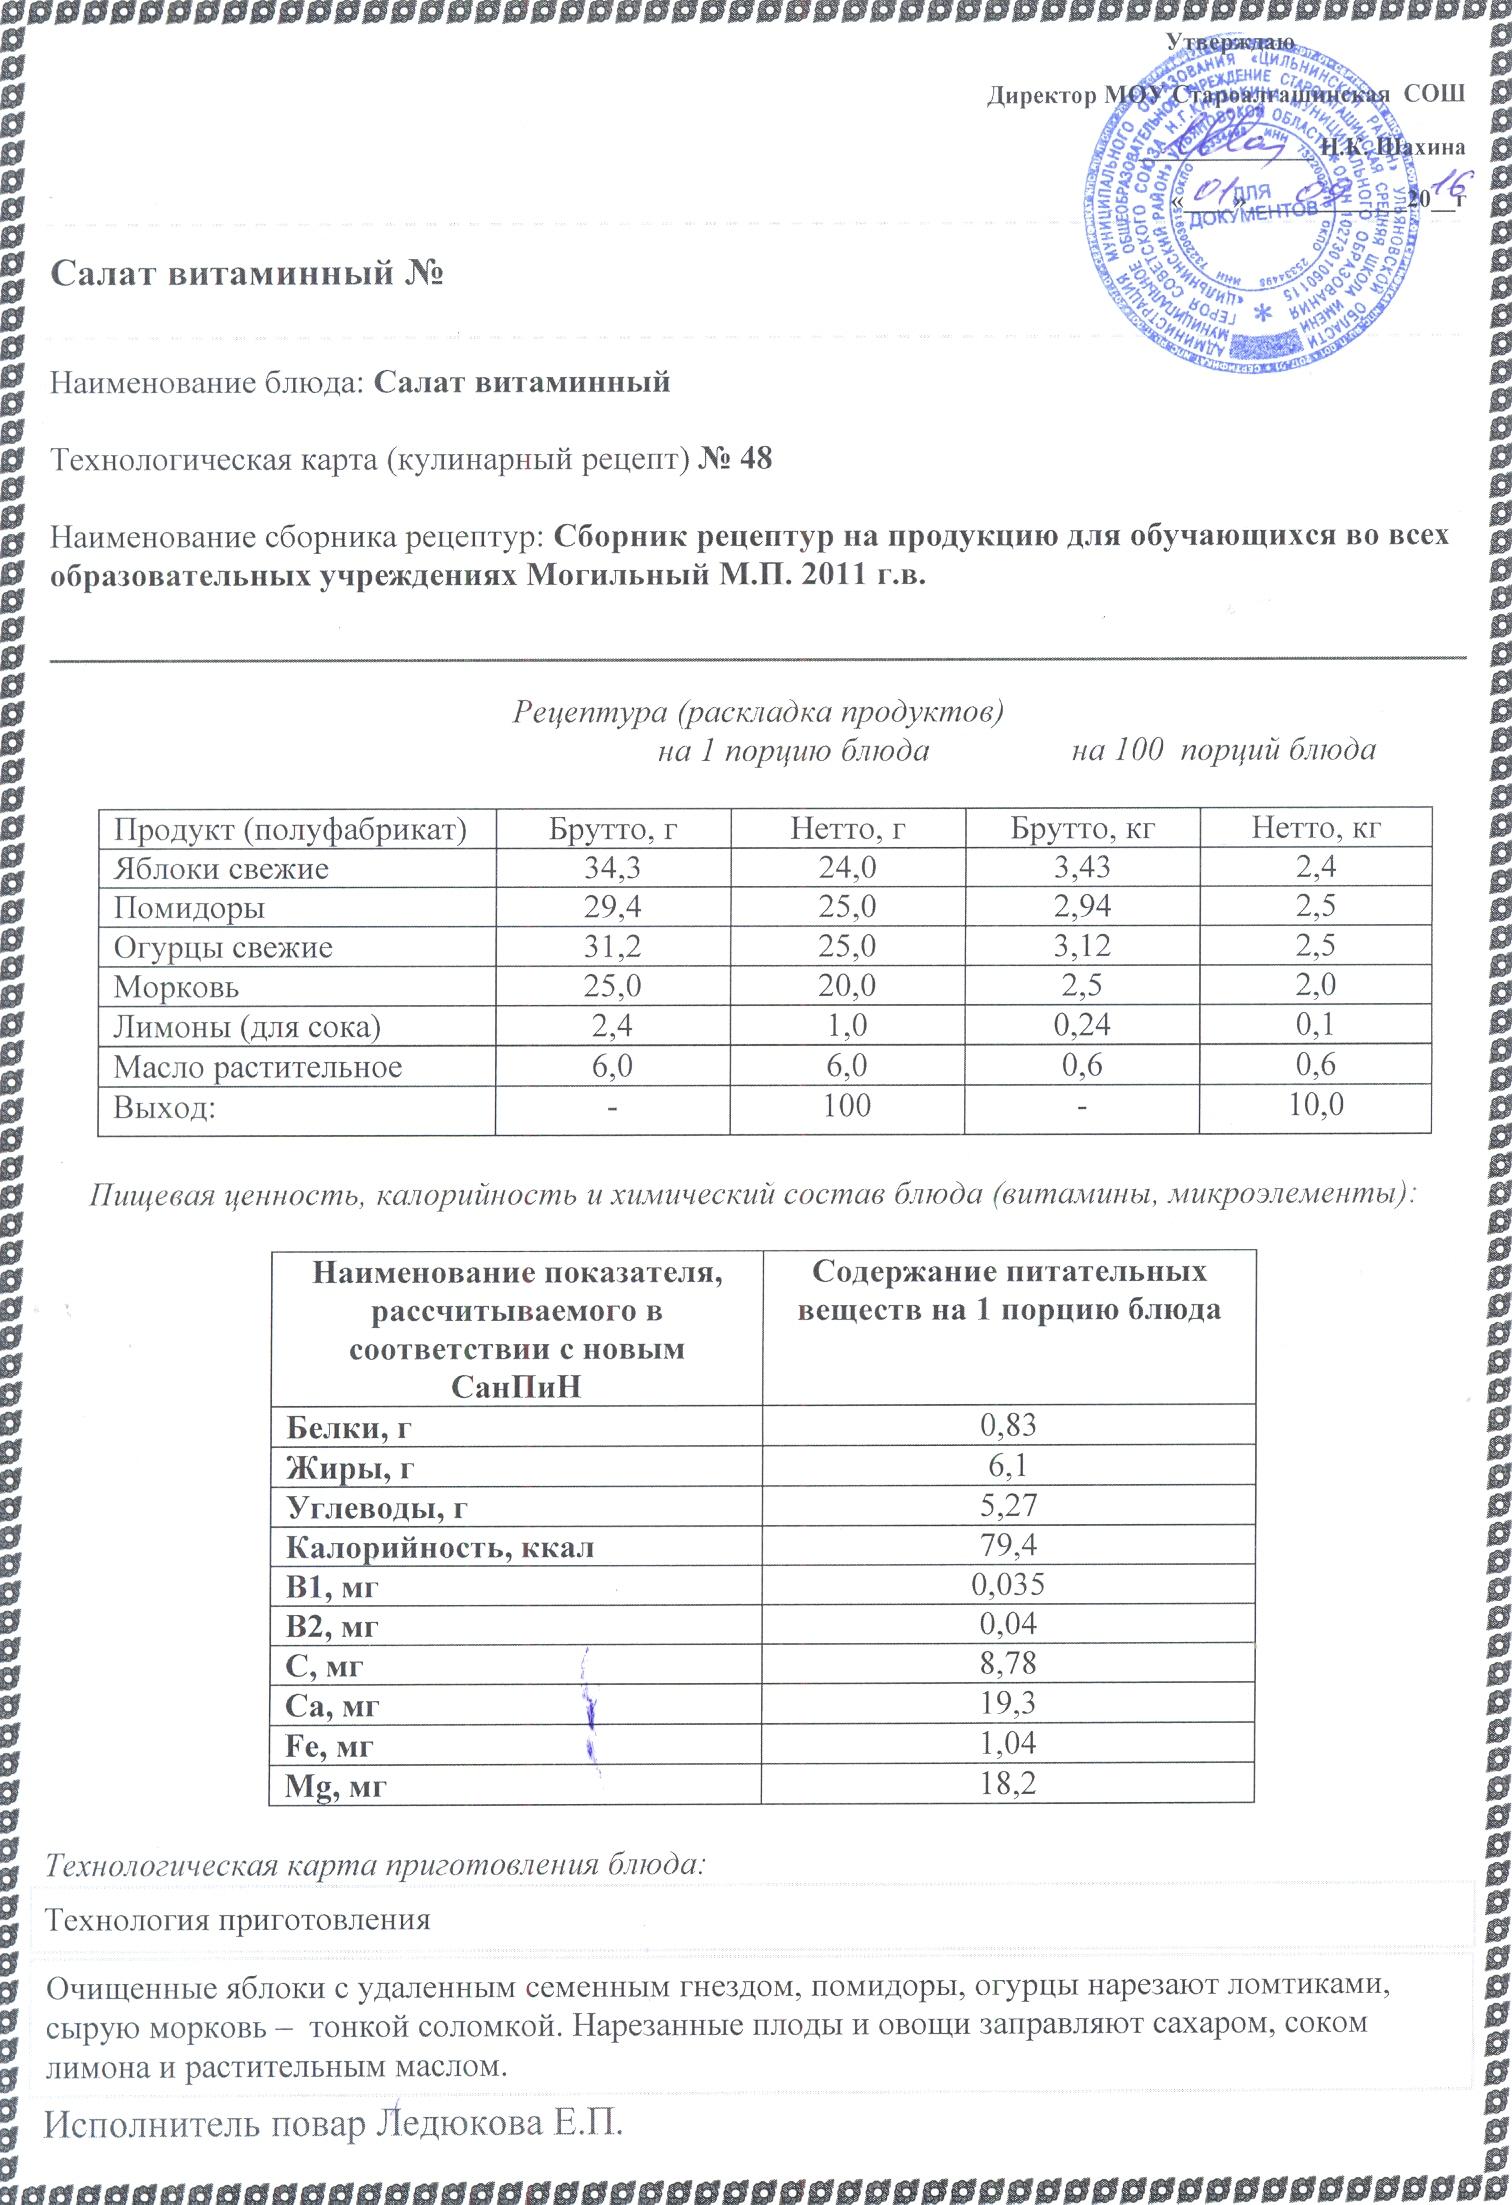 сборник рецептур доя доу